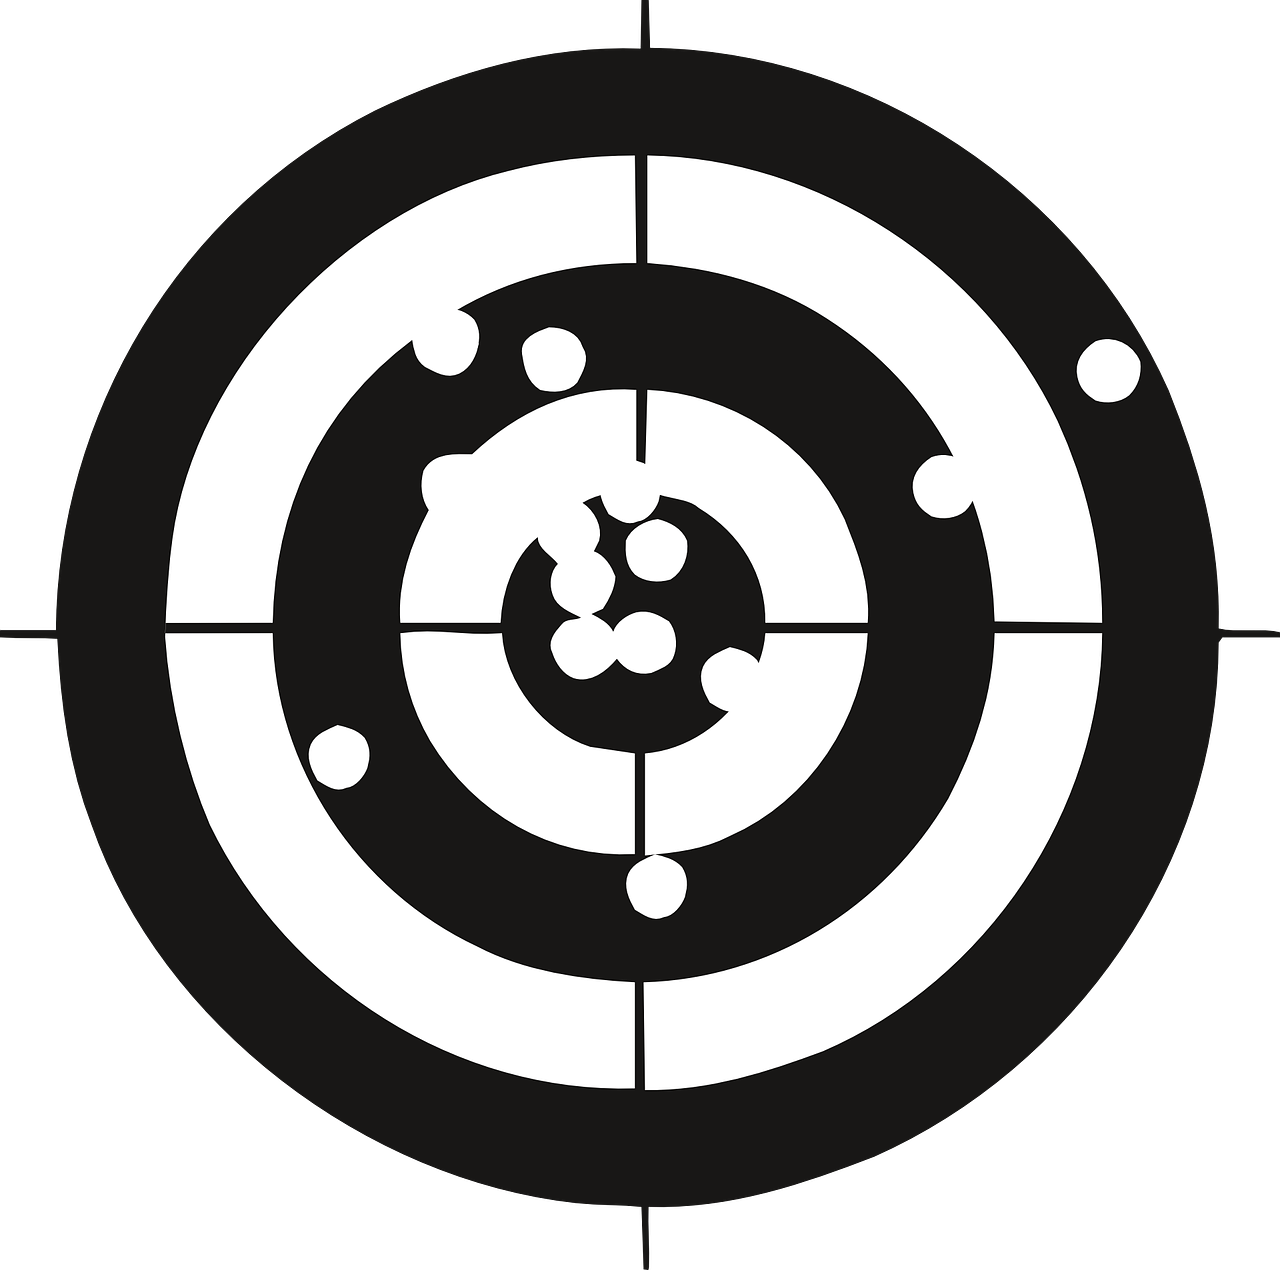 target-range